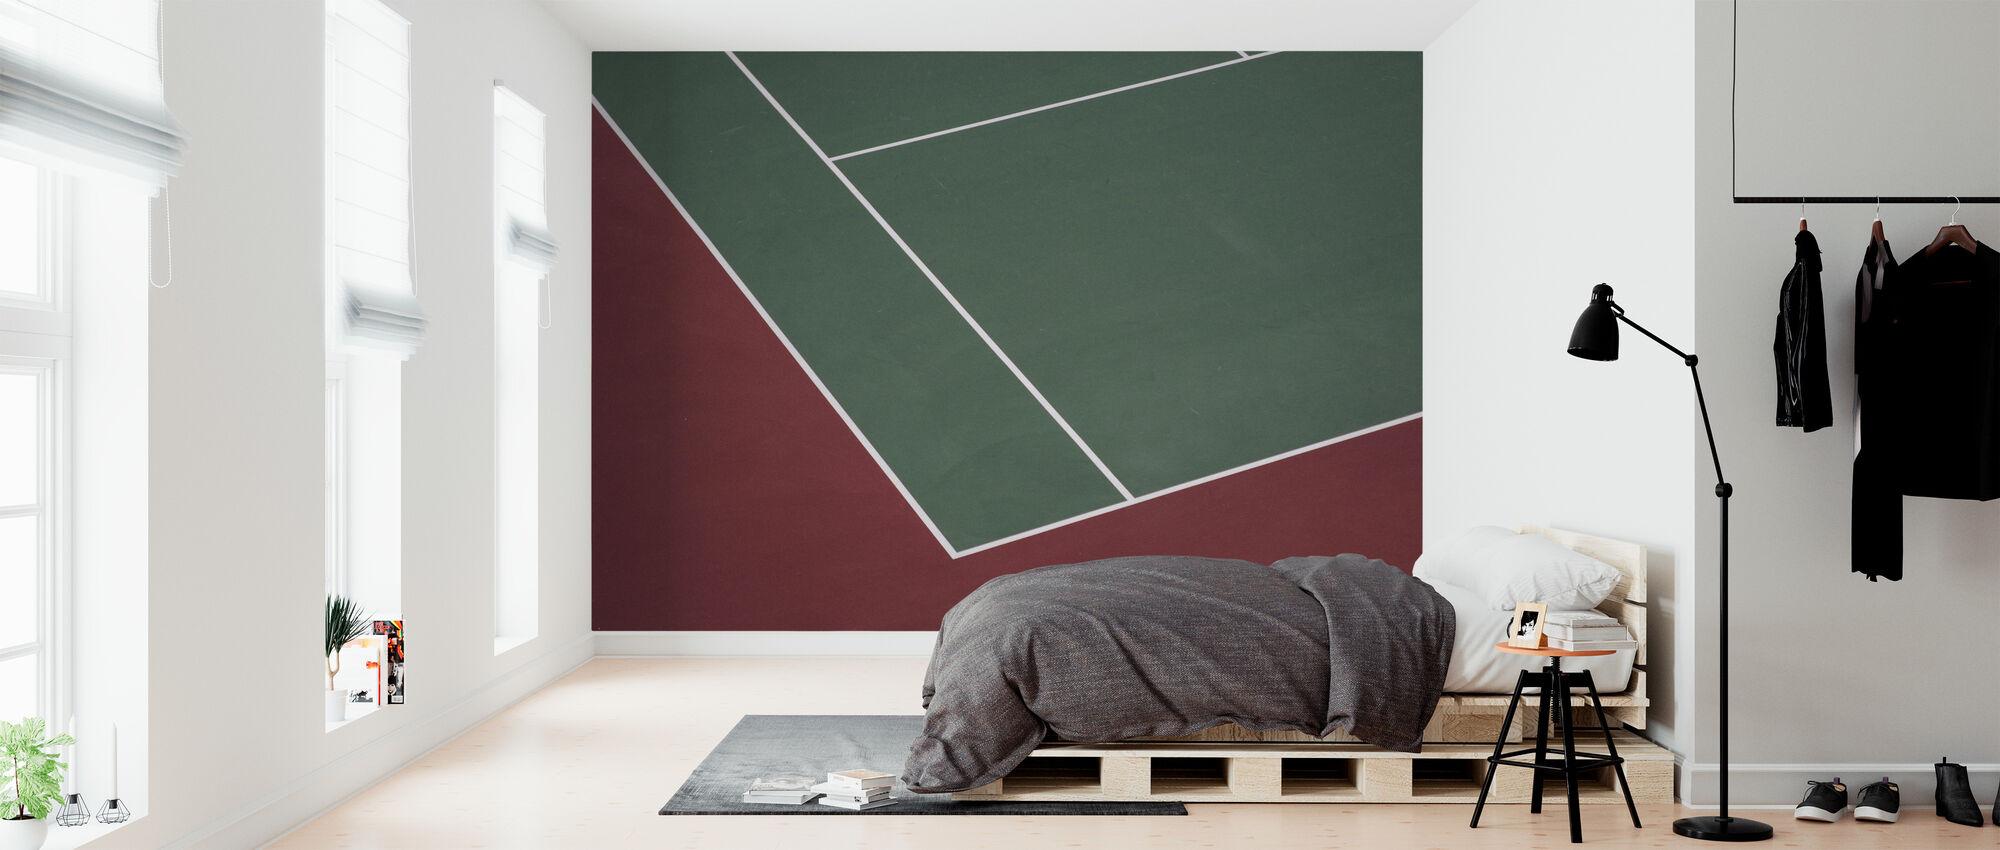 Tennis Court - Wallpaper - Bedroom